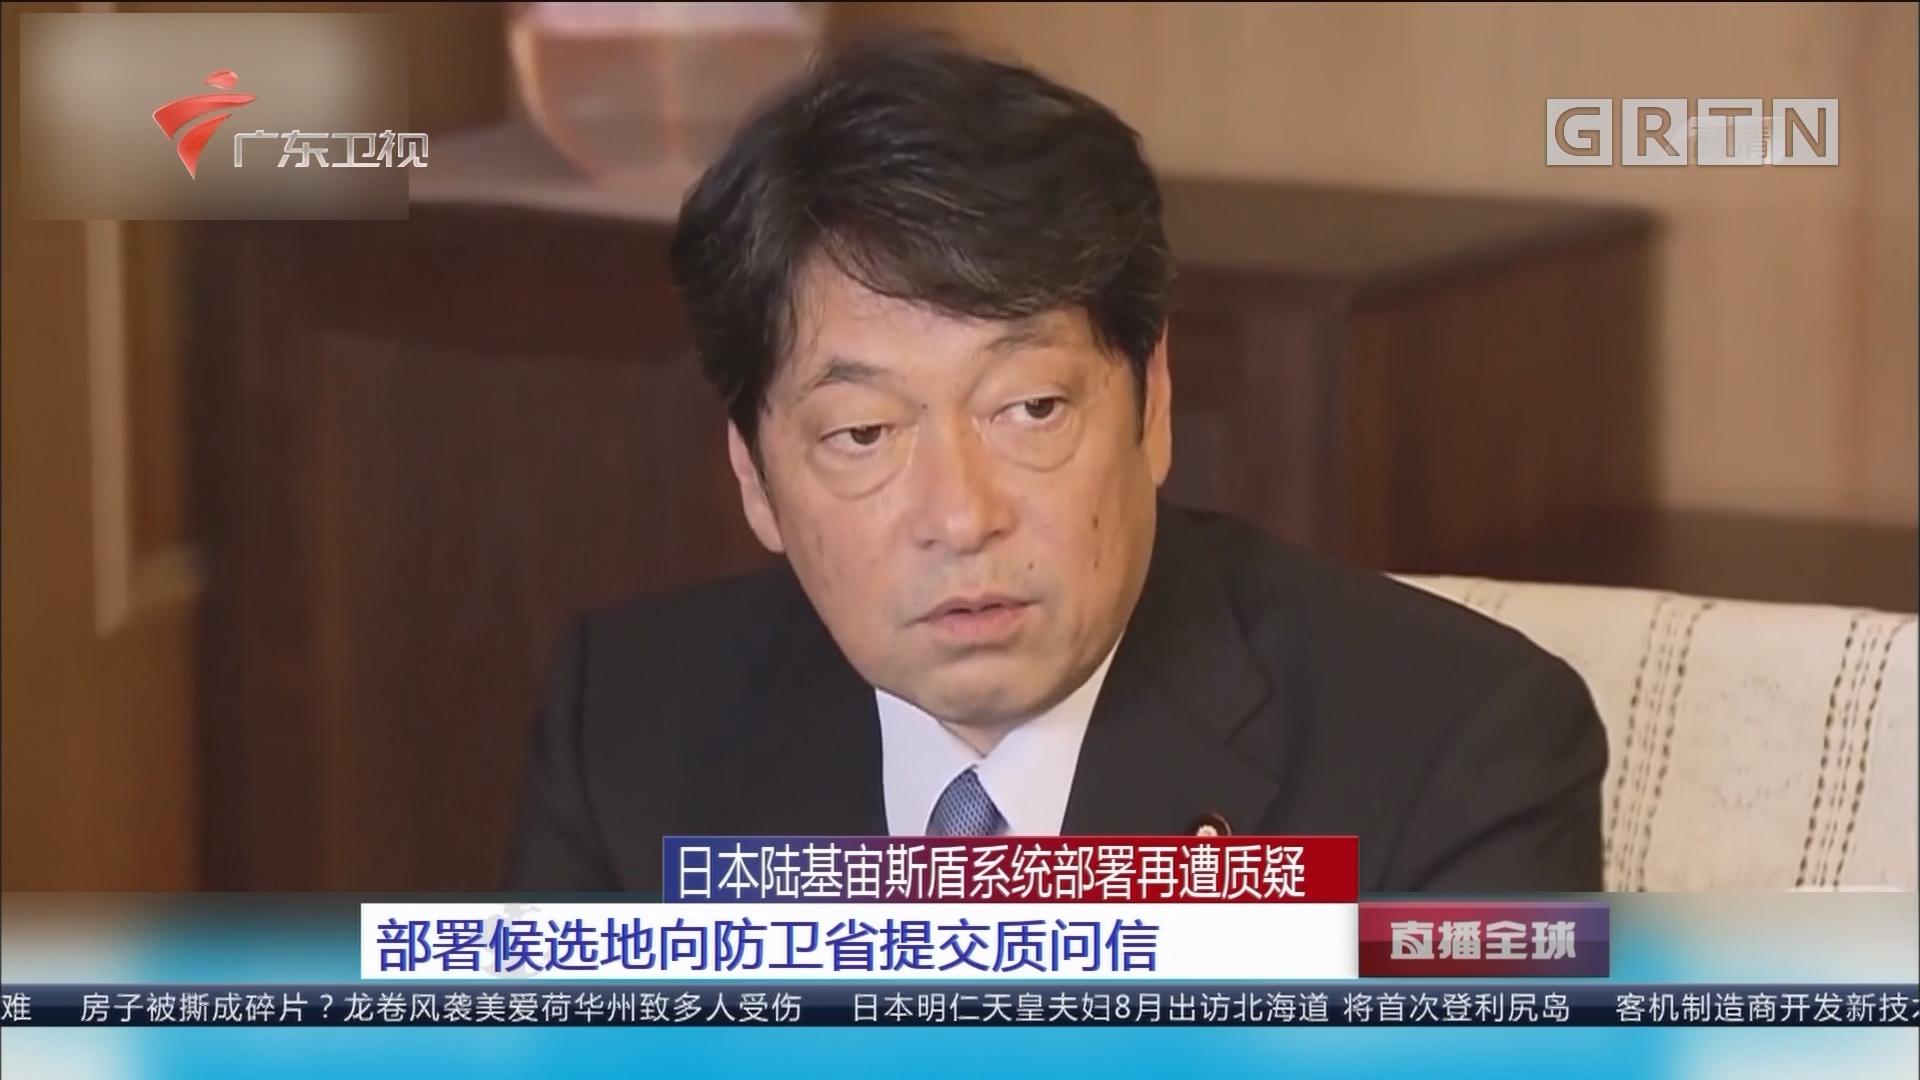 日本陆基宙斯盾系统部署再遭质疑:部署候选地向防卫省提交质问信